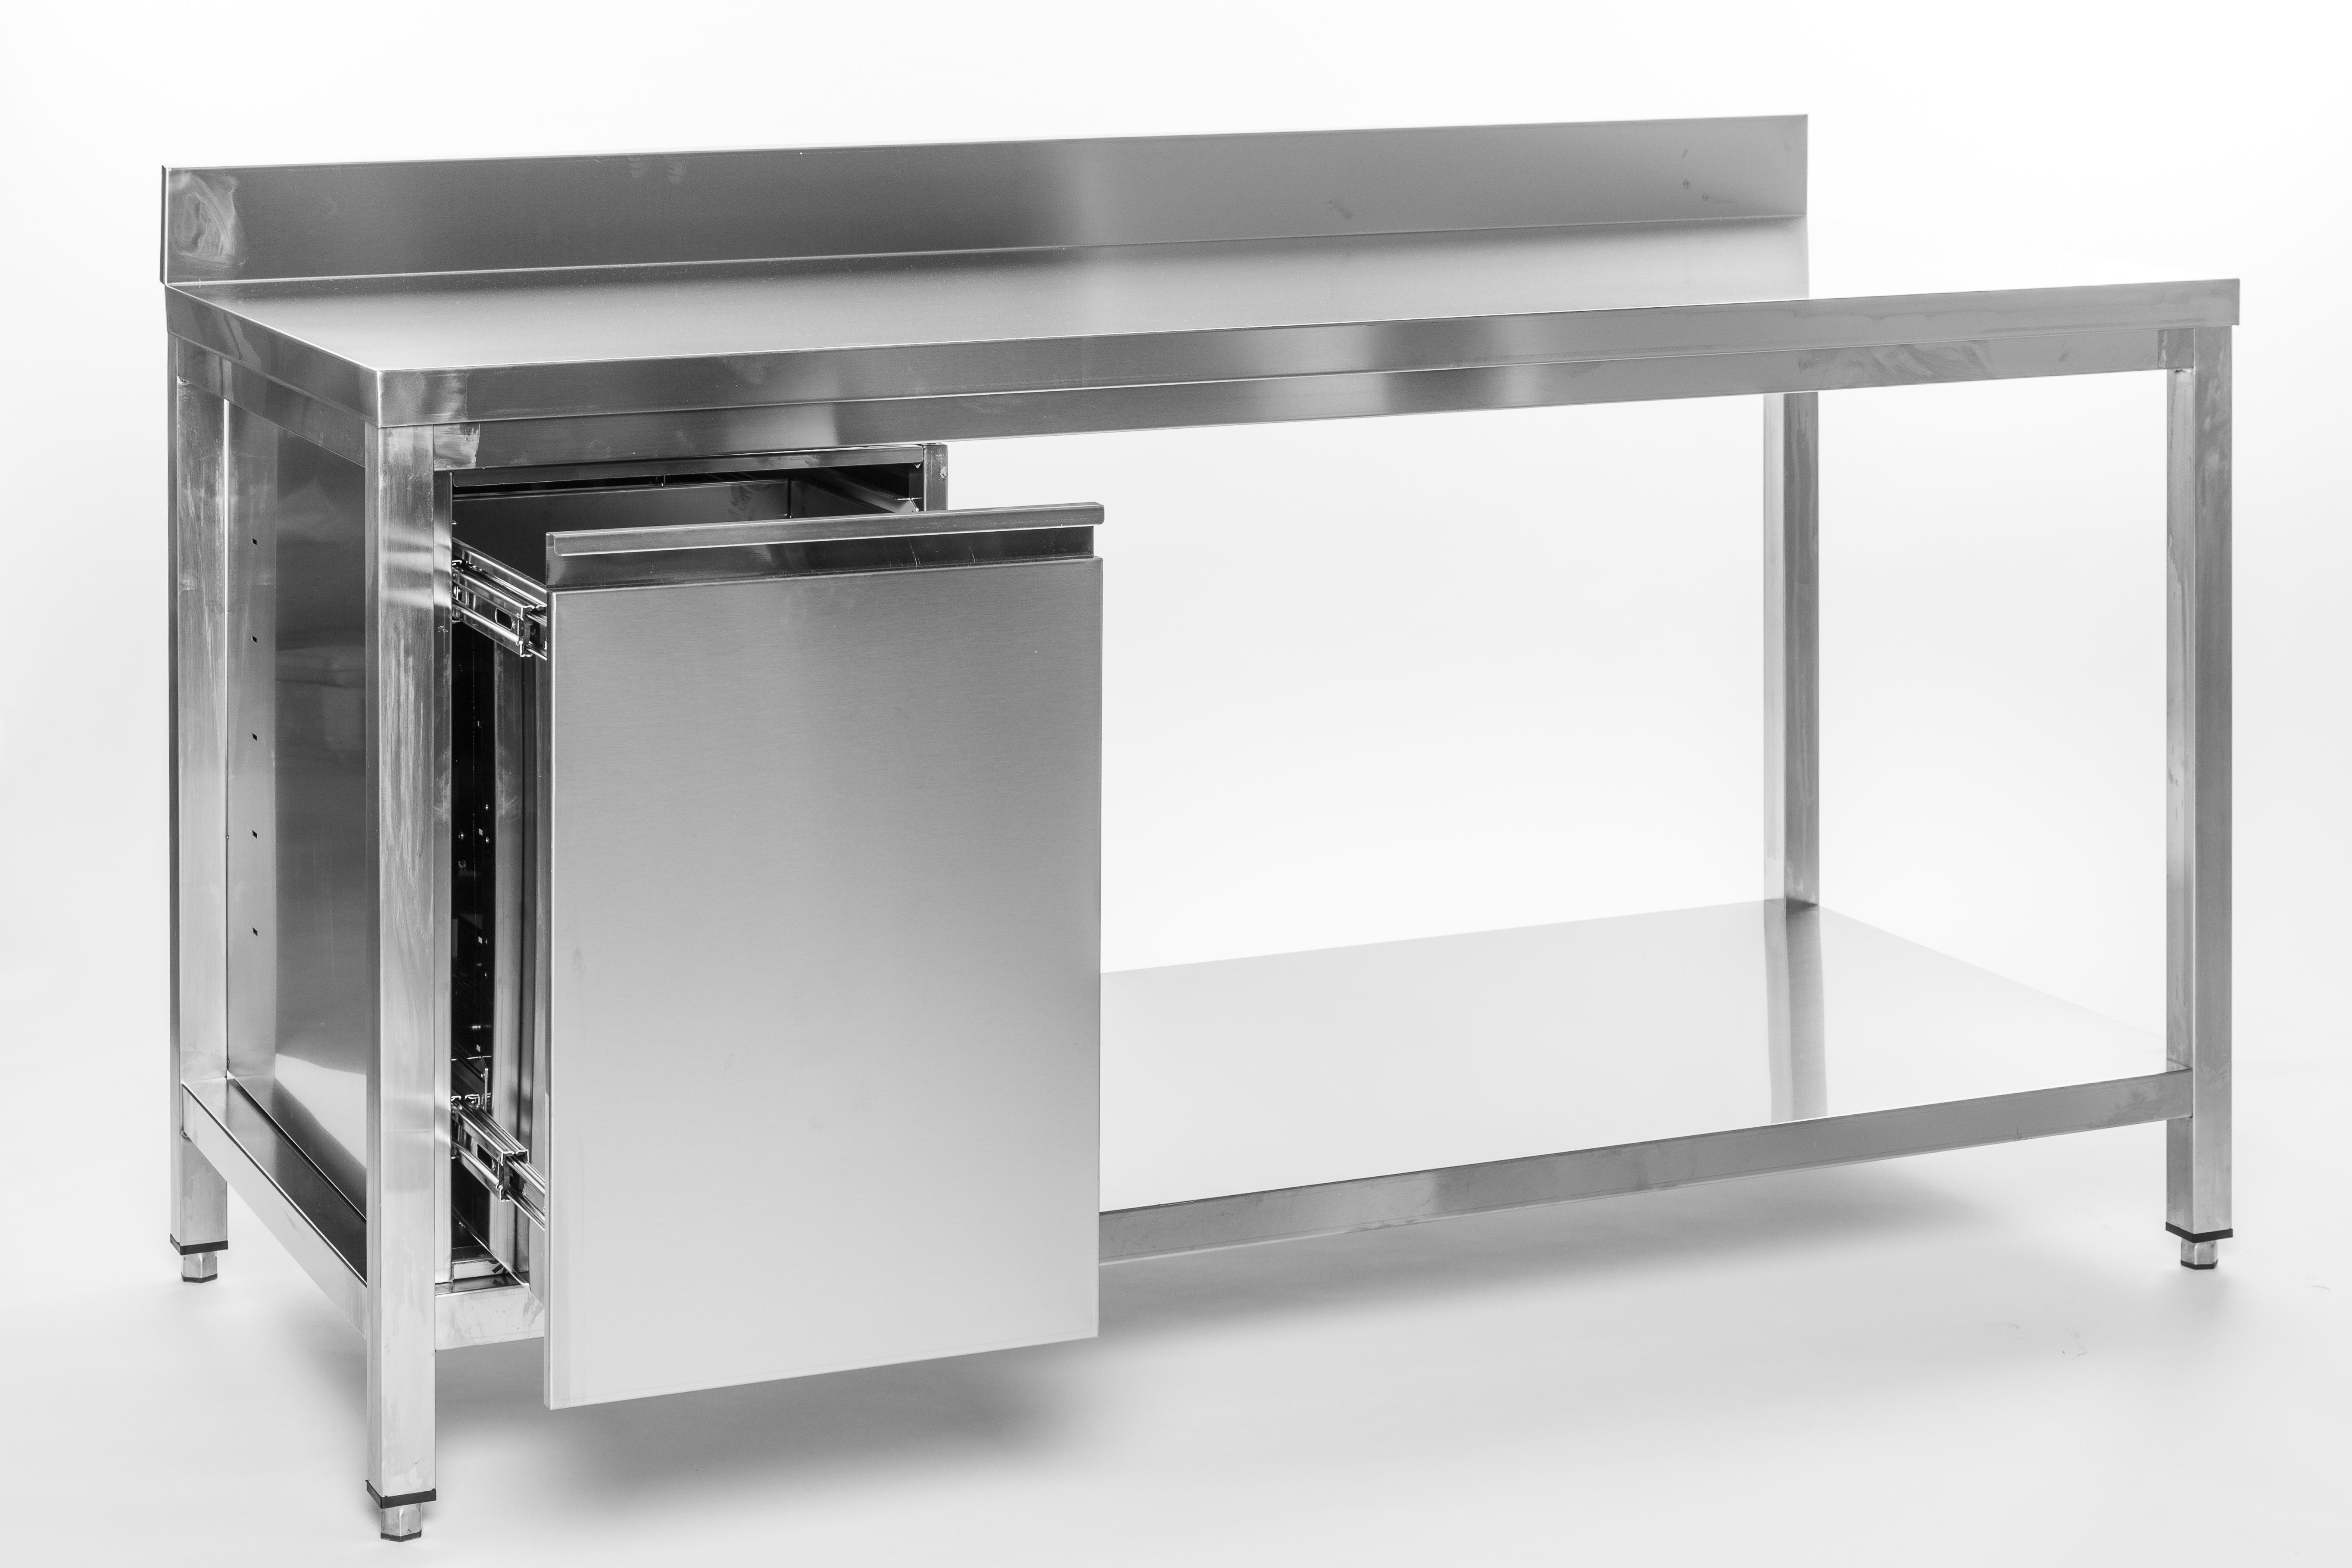 Unterkategorie - Arbeitstisch - 0,6 m Abfallbehälter Grundboden Aufkantung